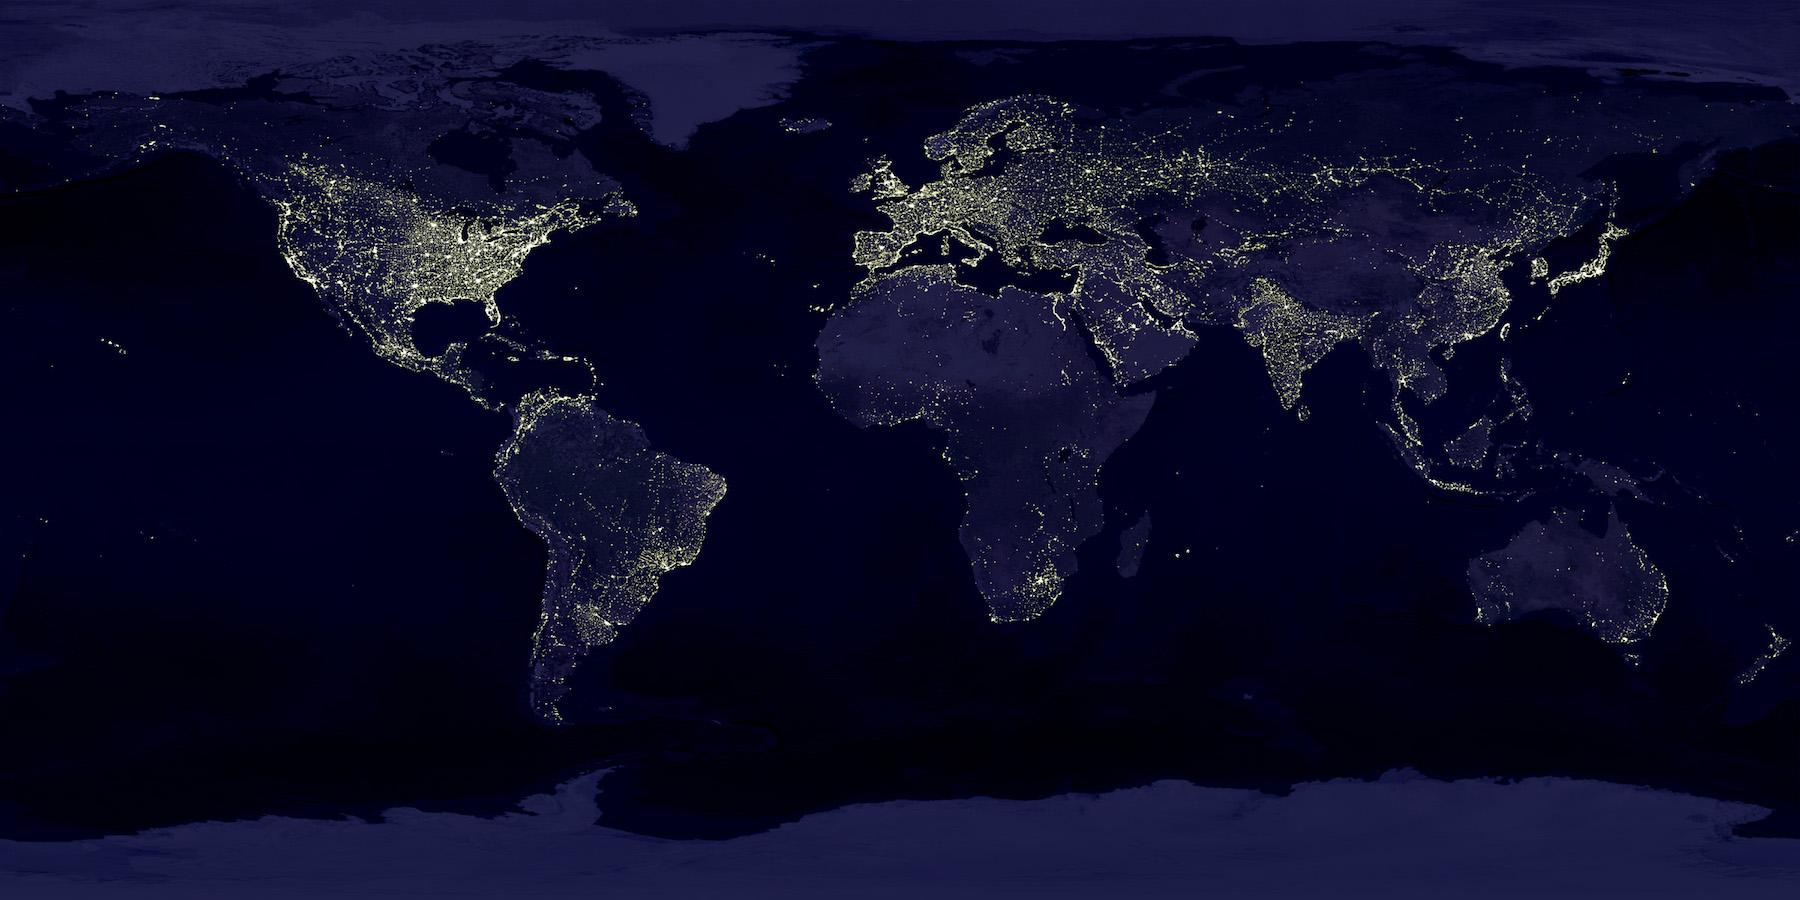 Planeta tierra con las luces de la noche